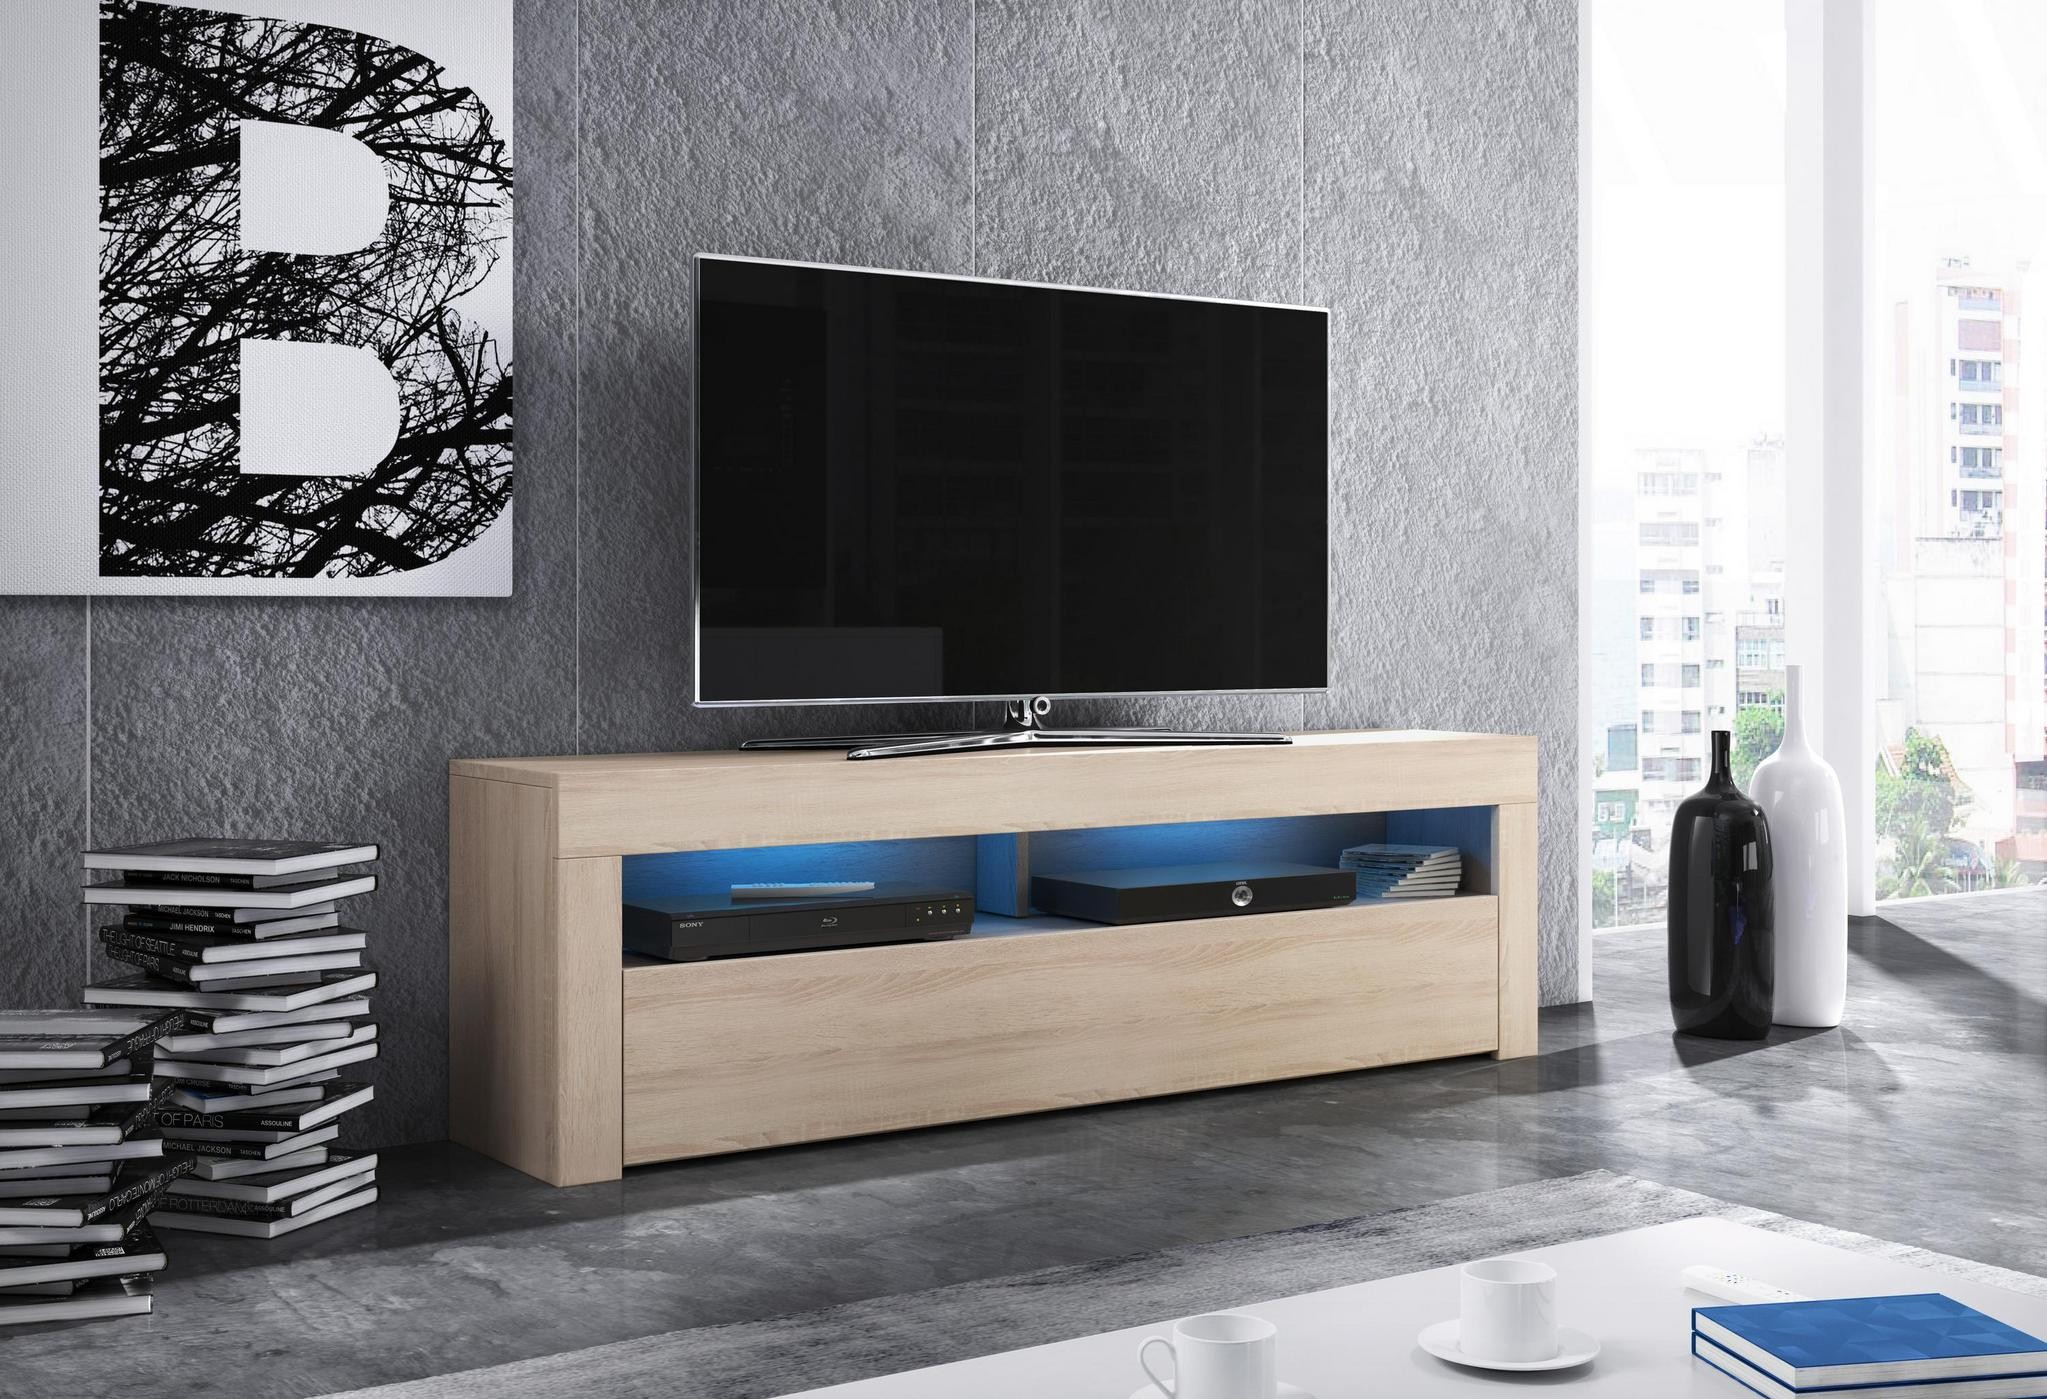 Tv Escamotable Dans Meuble price factory